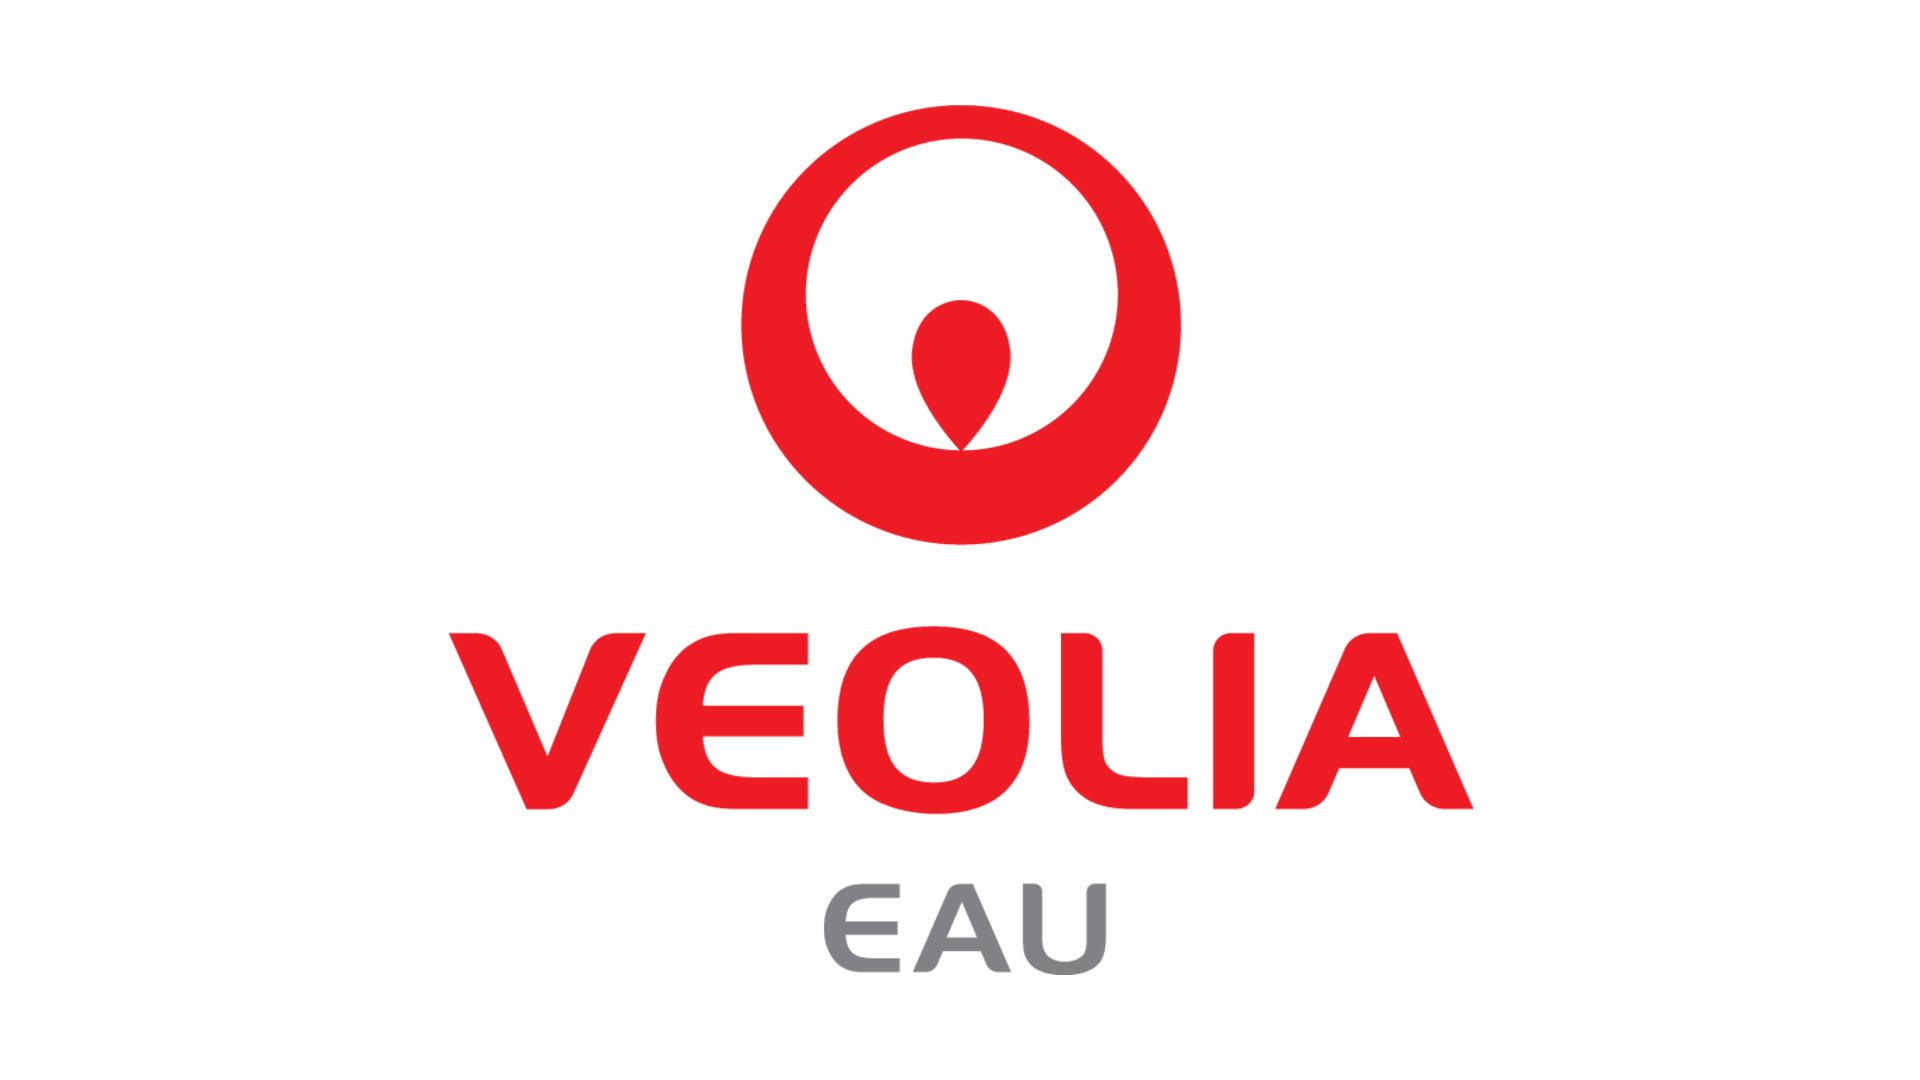 Veolia Eau propose des solutions de gestion et de valorisation de l'eau (potable et assainissement).